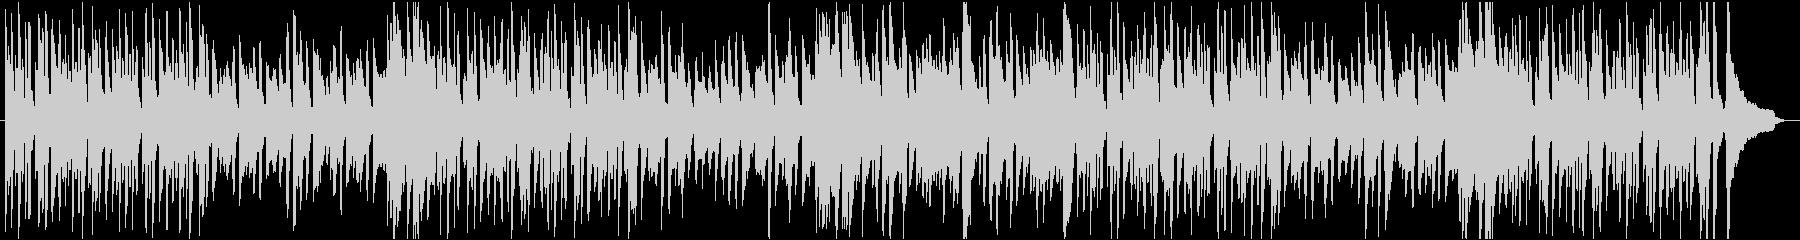 ピアノの軽やかなBGMの未再生の波形